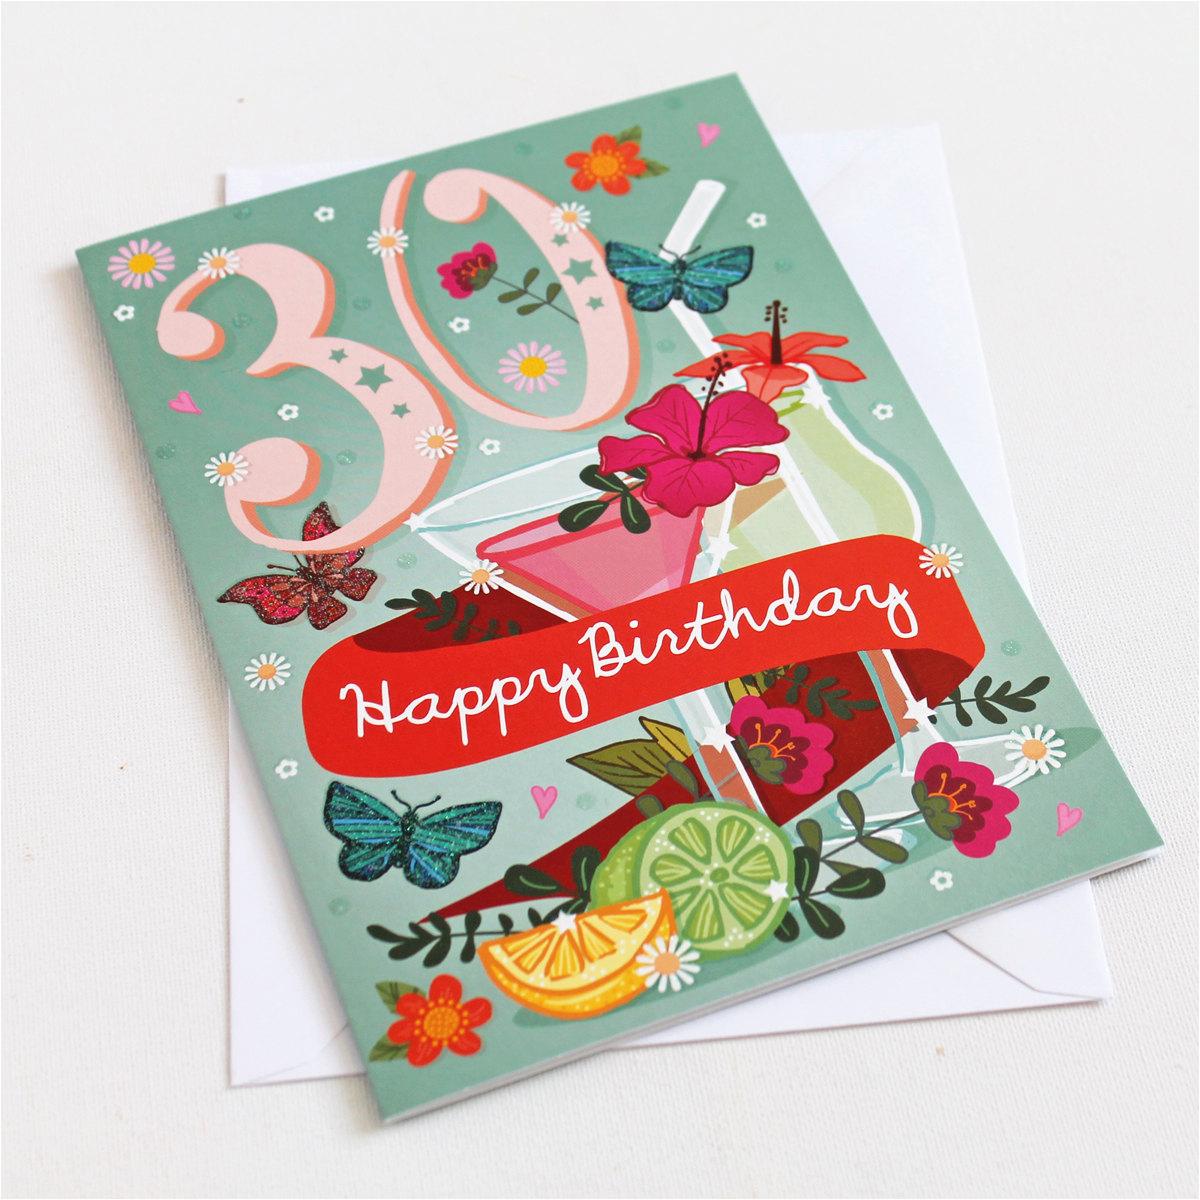 30th birthday card large a5 female birthday card happy